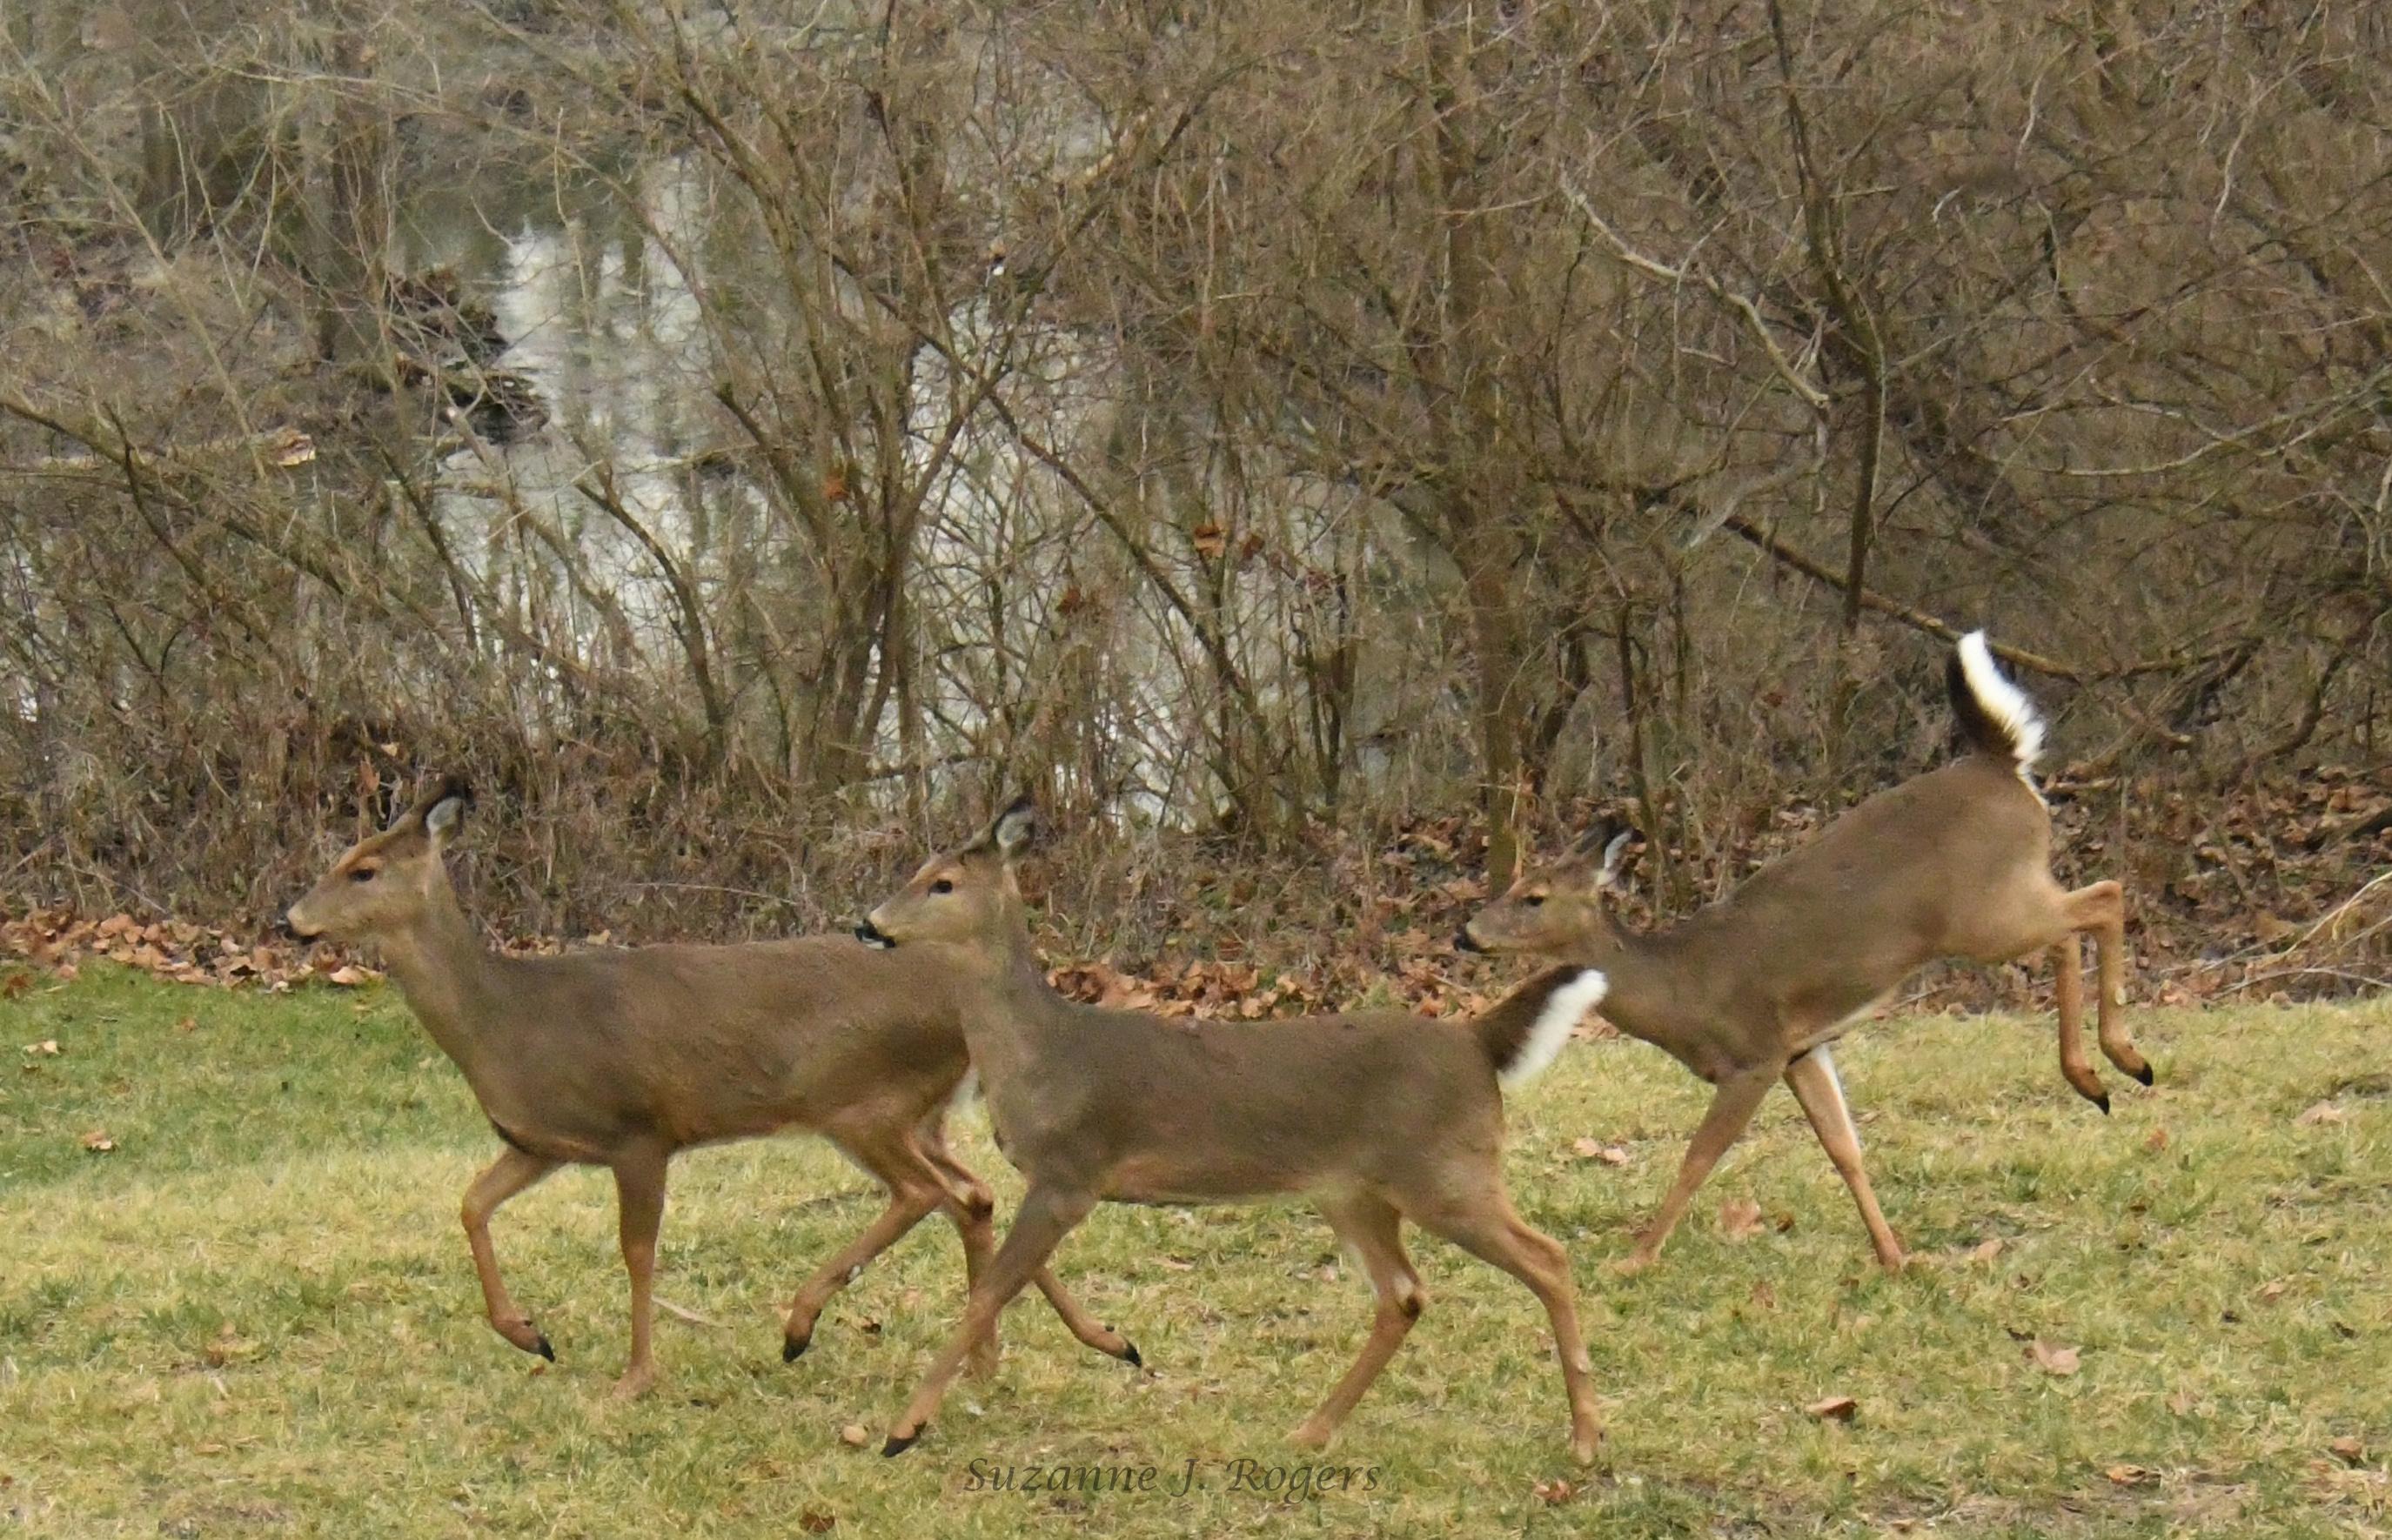 The hippity hop deer and herd wm DSC_7120